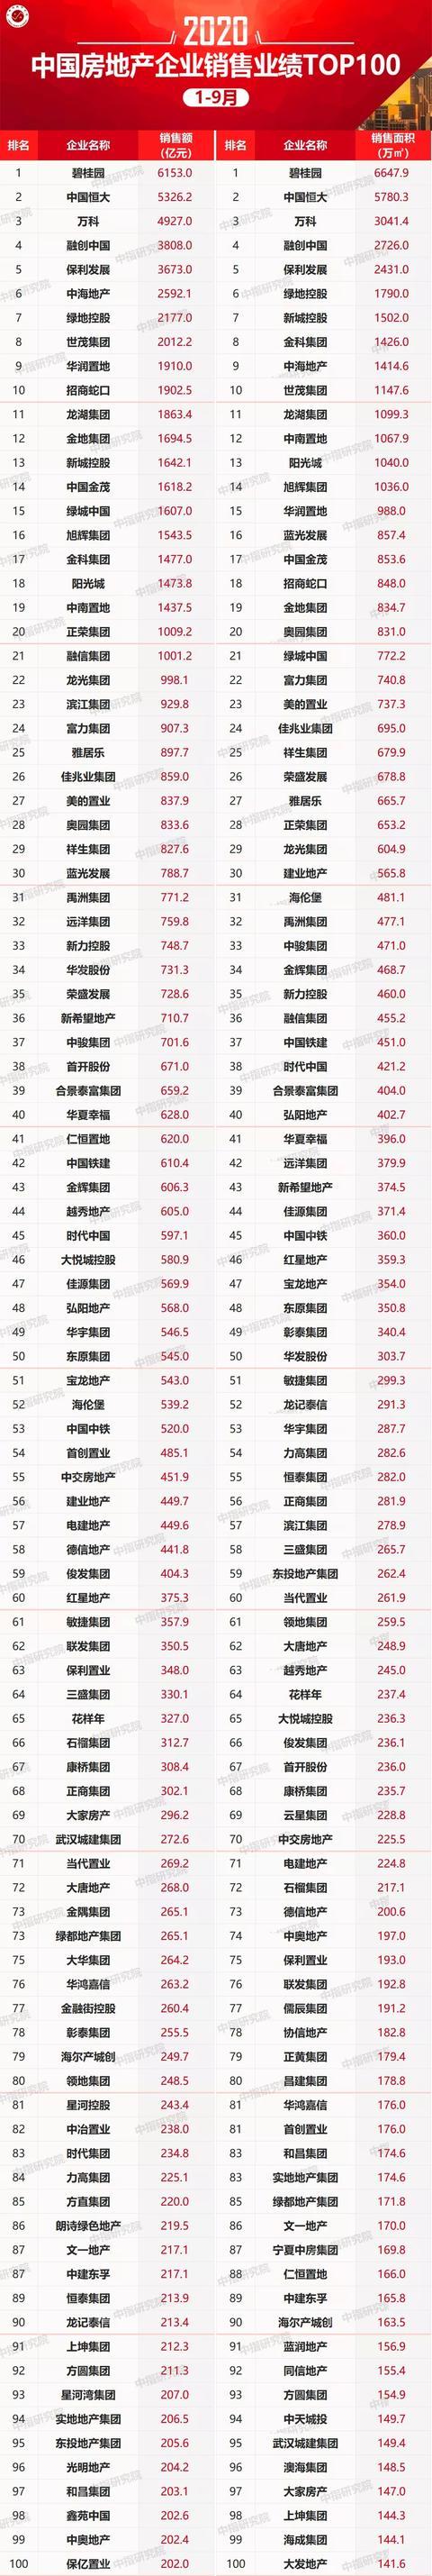 全国房地产1-9月销售快报-TOP百强